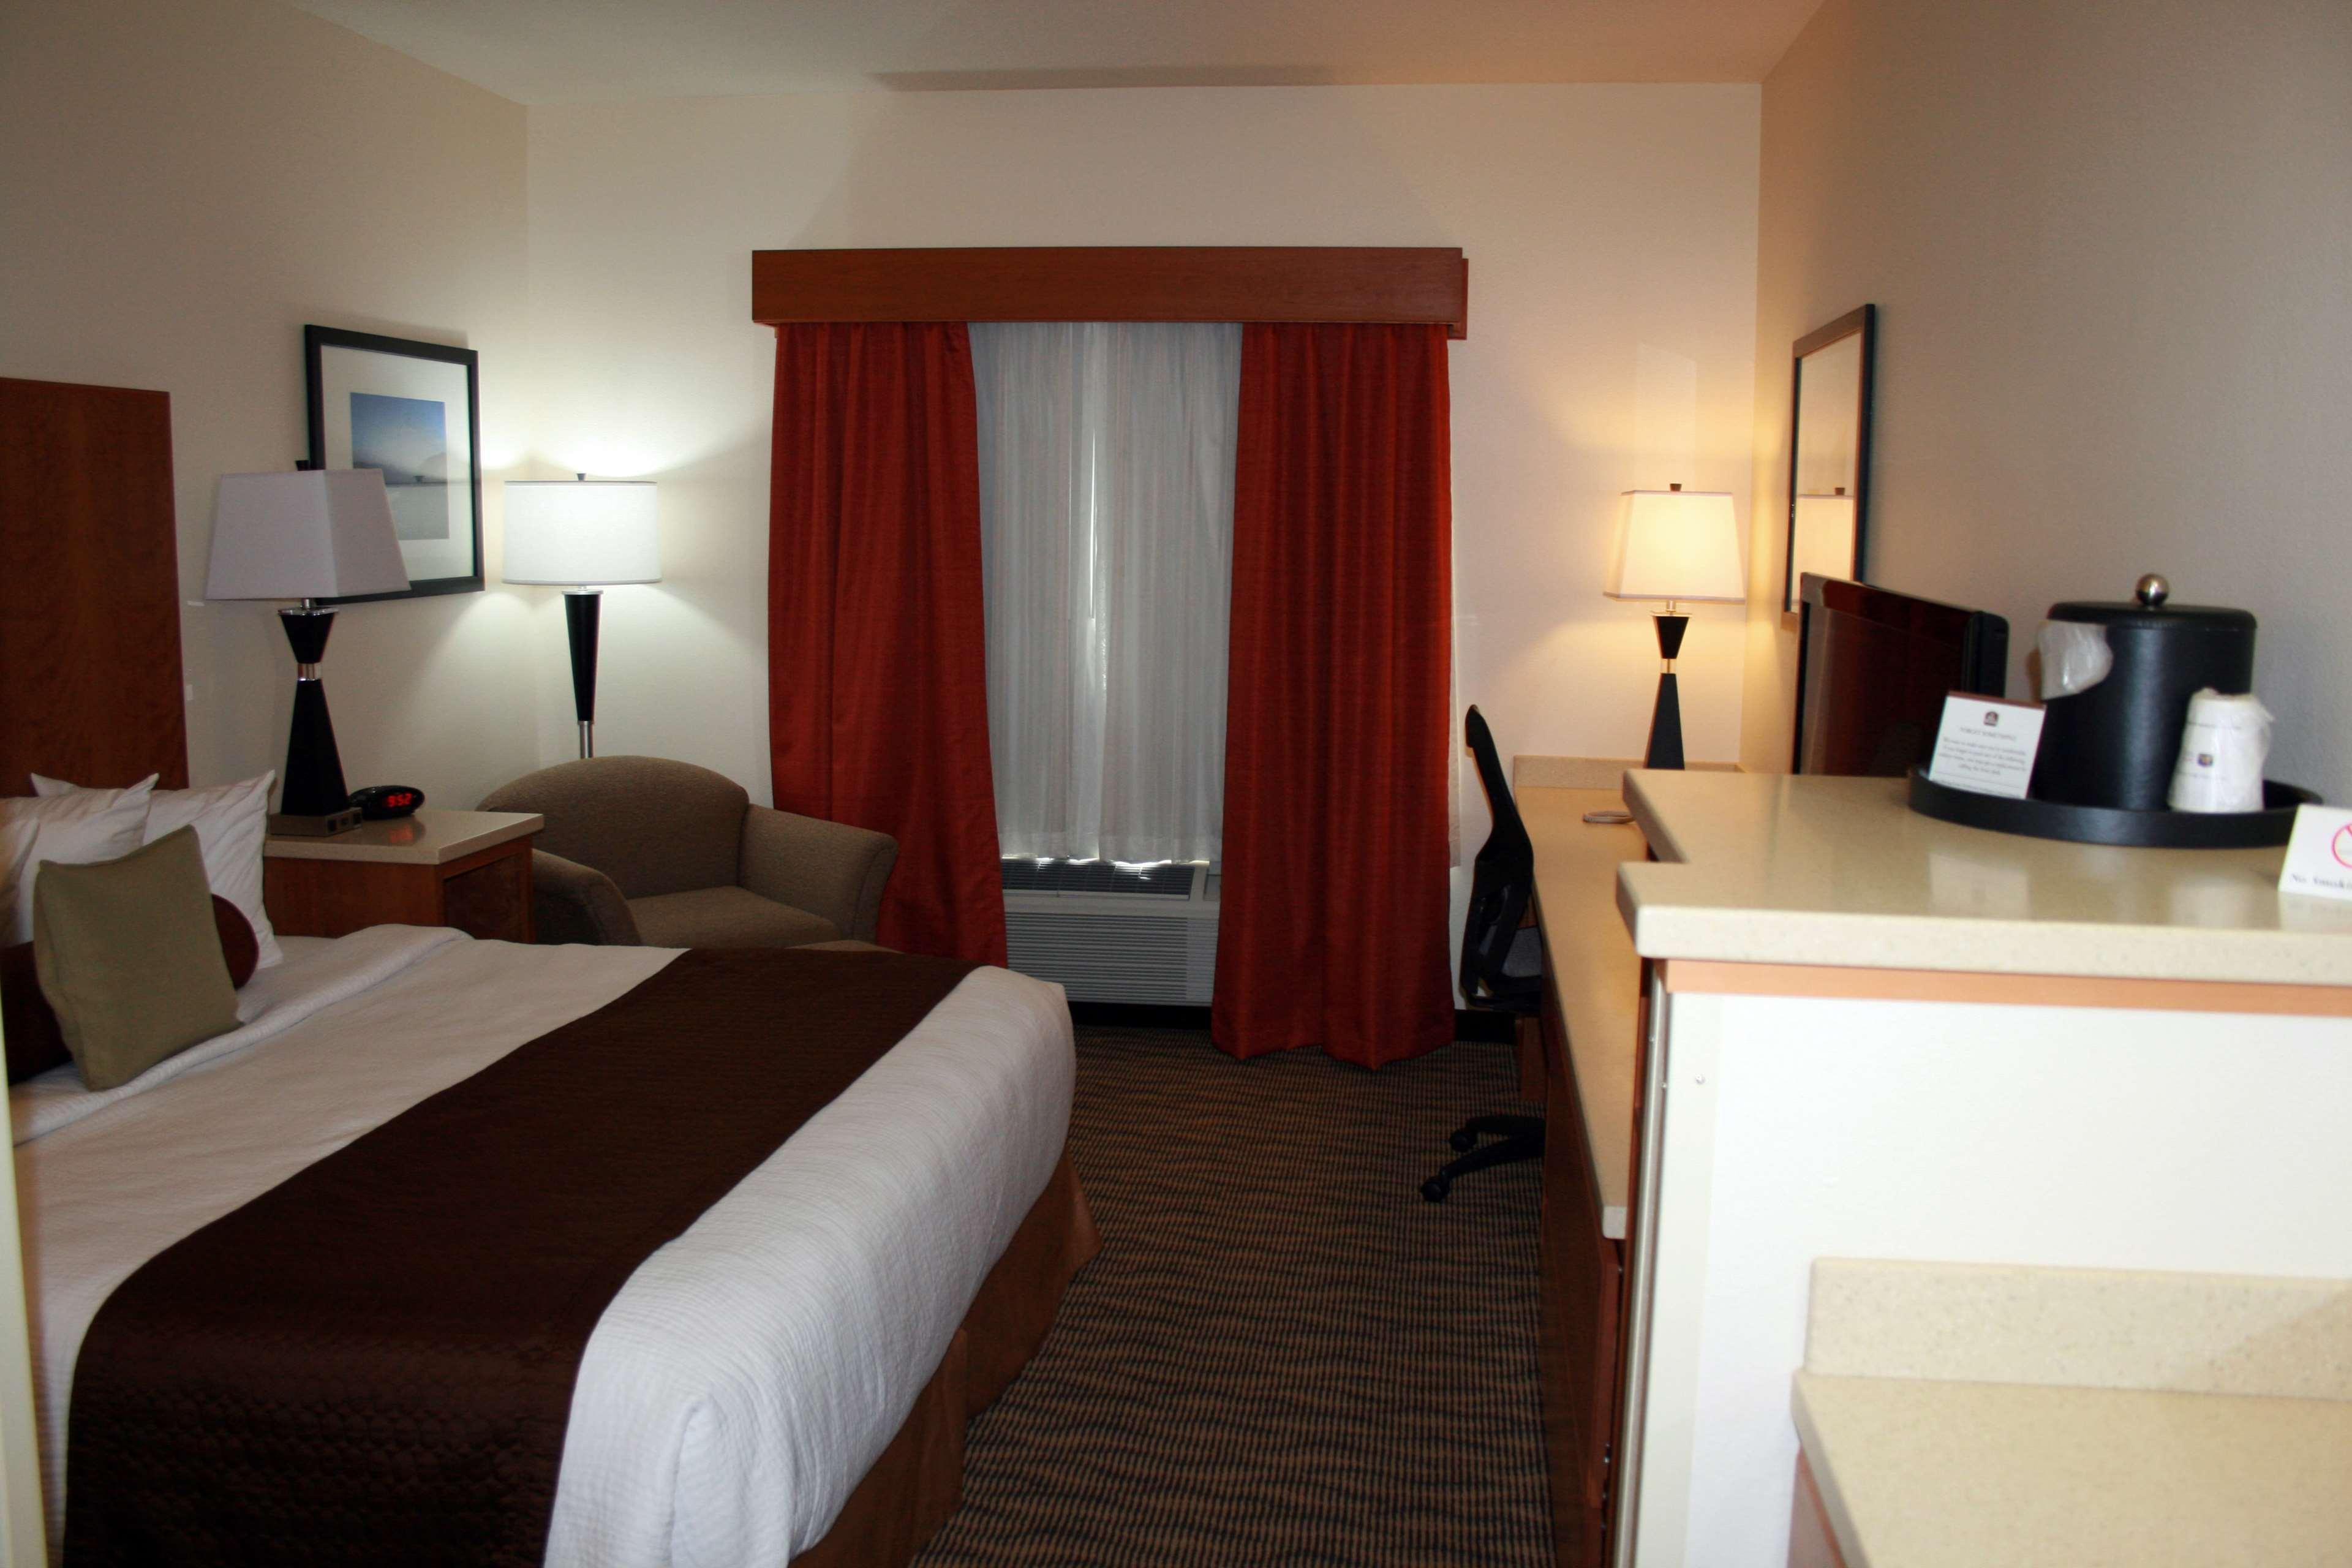 Best Western Plus Park Place Inn & Suites image 27